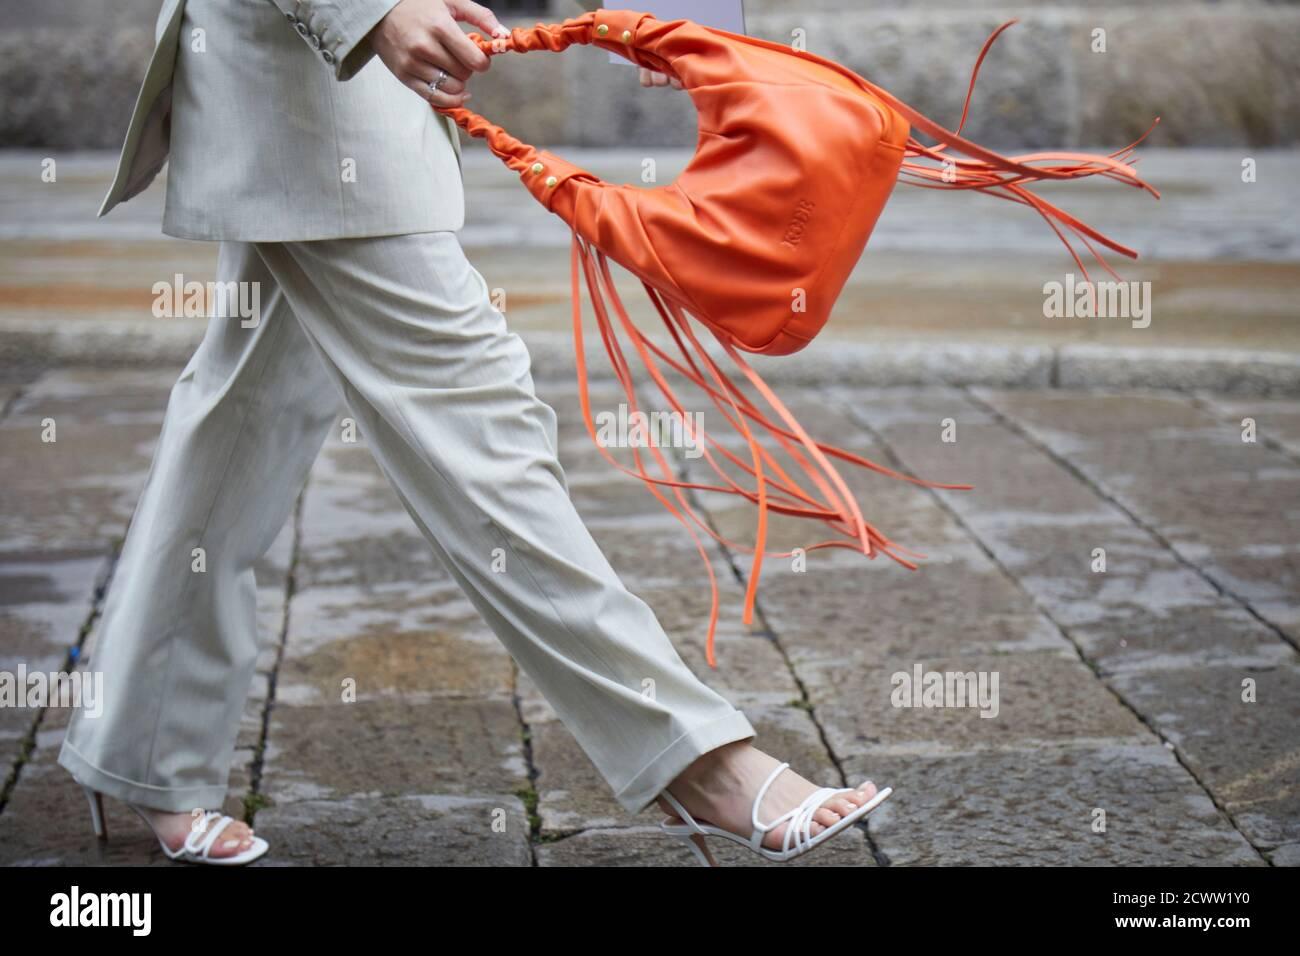 MILAN, ITALIE - 24 SEPTEMBRE 2020: Femme marchant avec sac en cuir orange avec franges avant le spectacle de mode Max Mara, Milan Fashion week Street style Banque D'Images